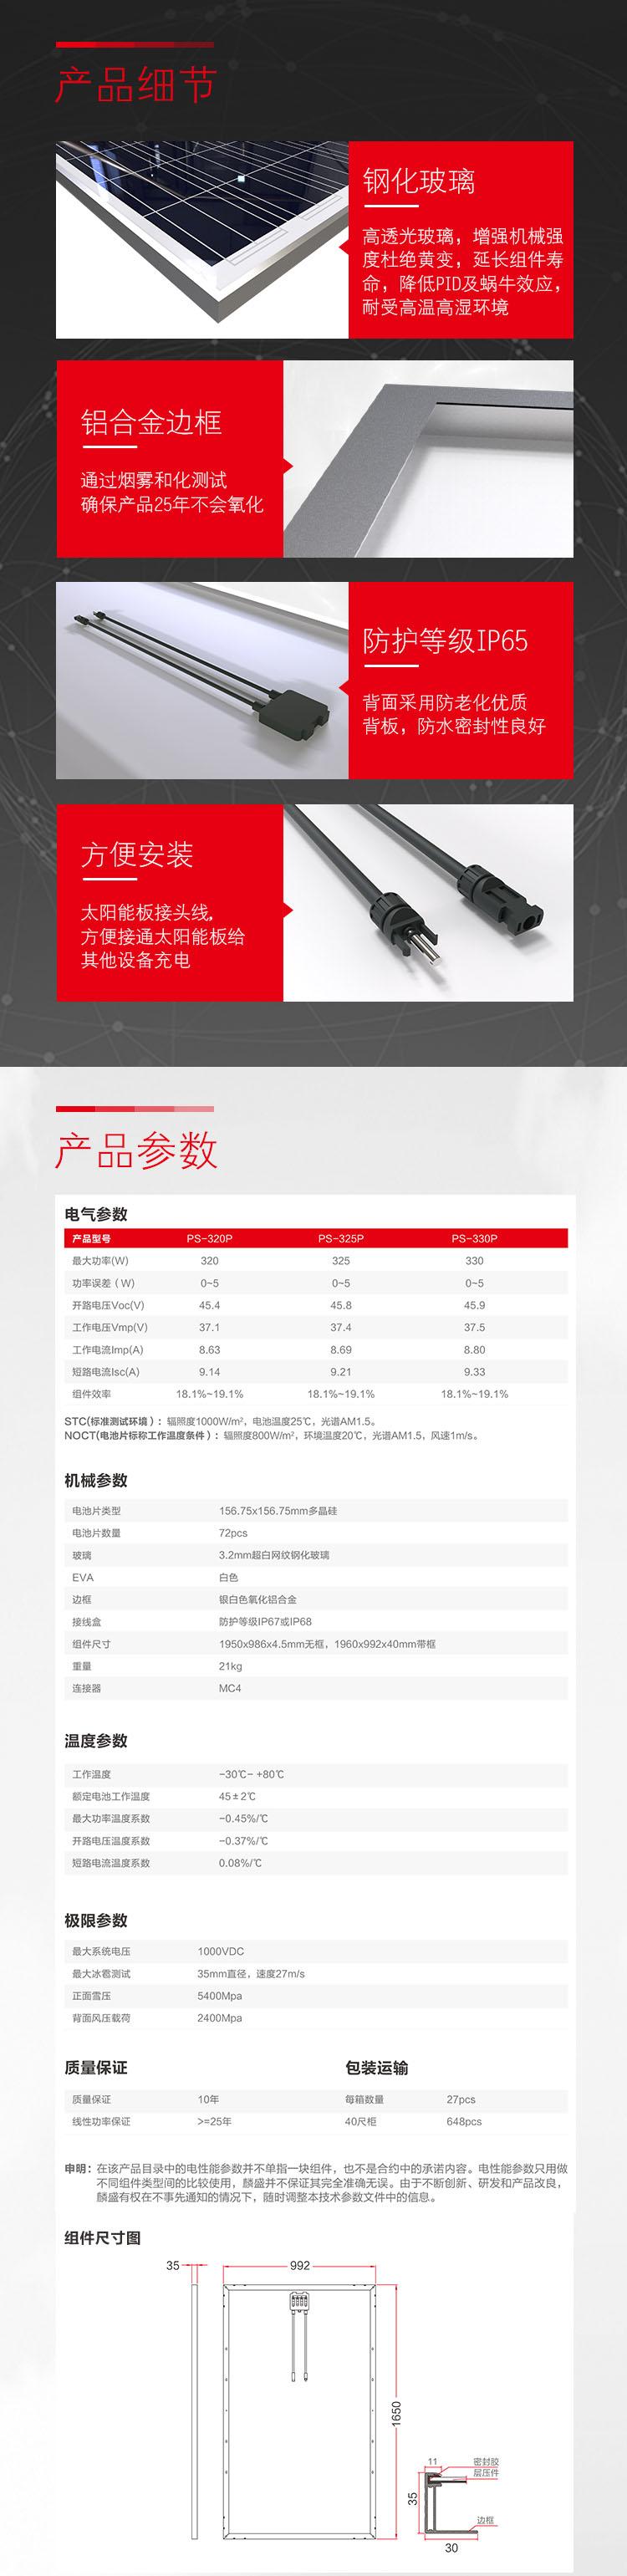 LEADSUN多晶72片太陽能板詳情頁-750-1-2.jpg